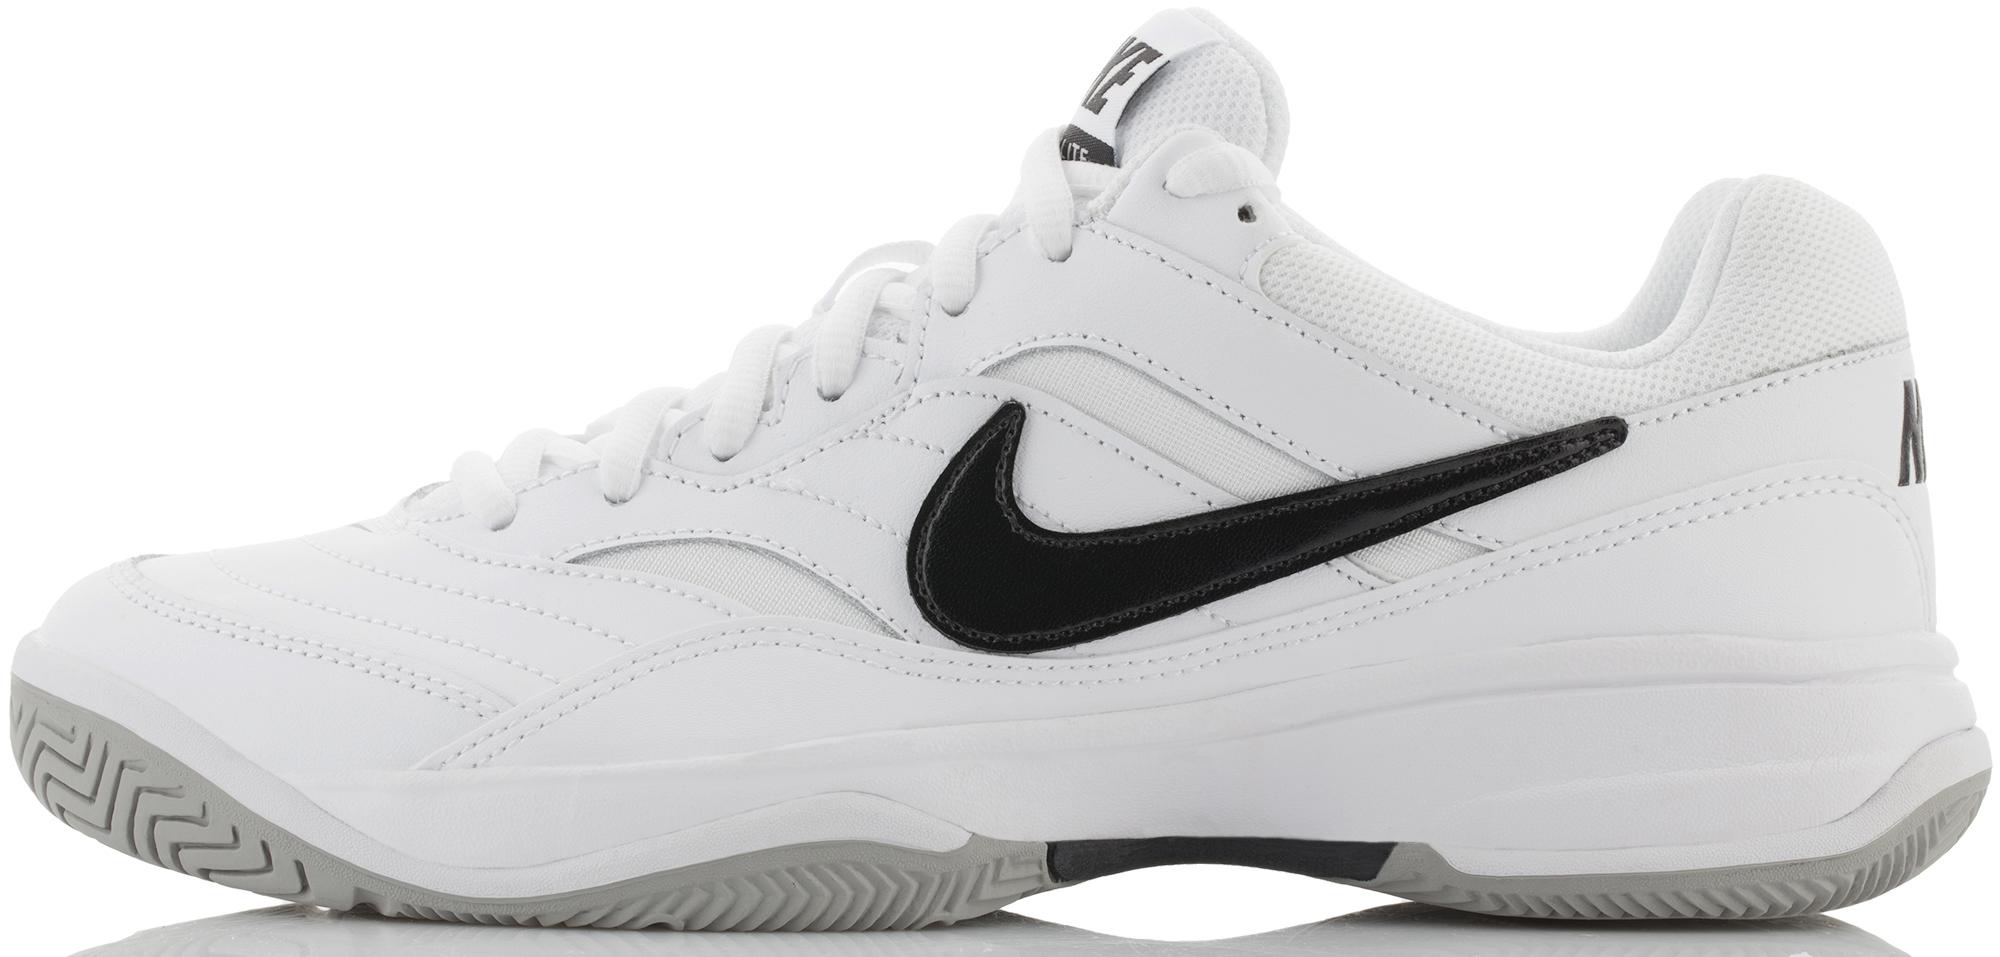 Nike Кроссовки мужские  Court Lite, размер 43,5